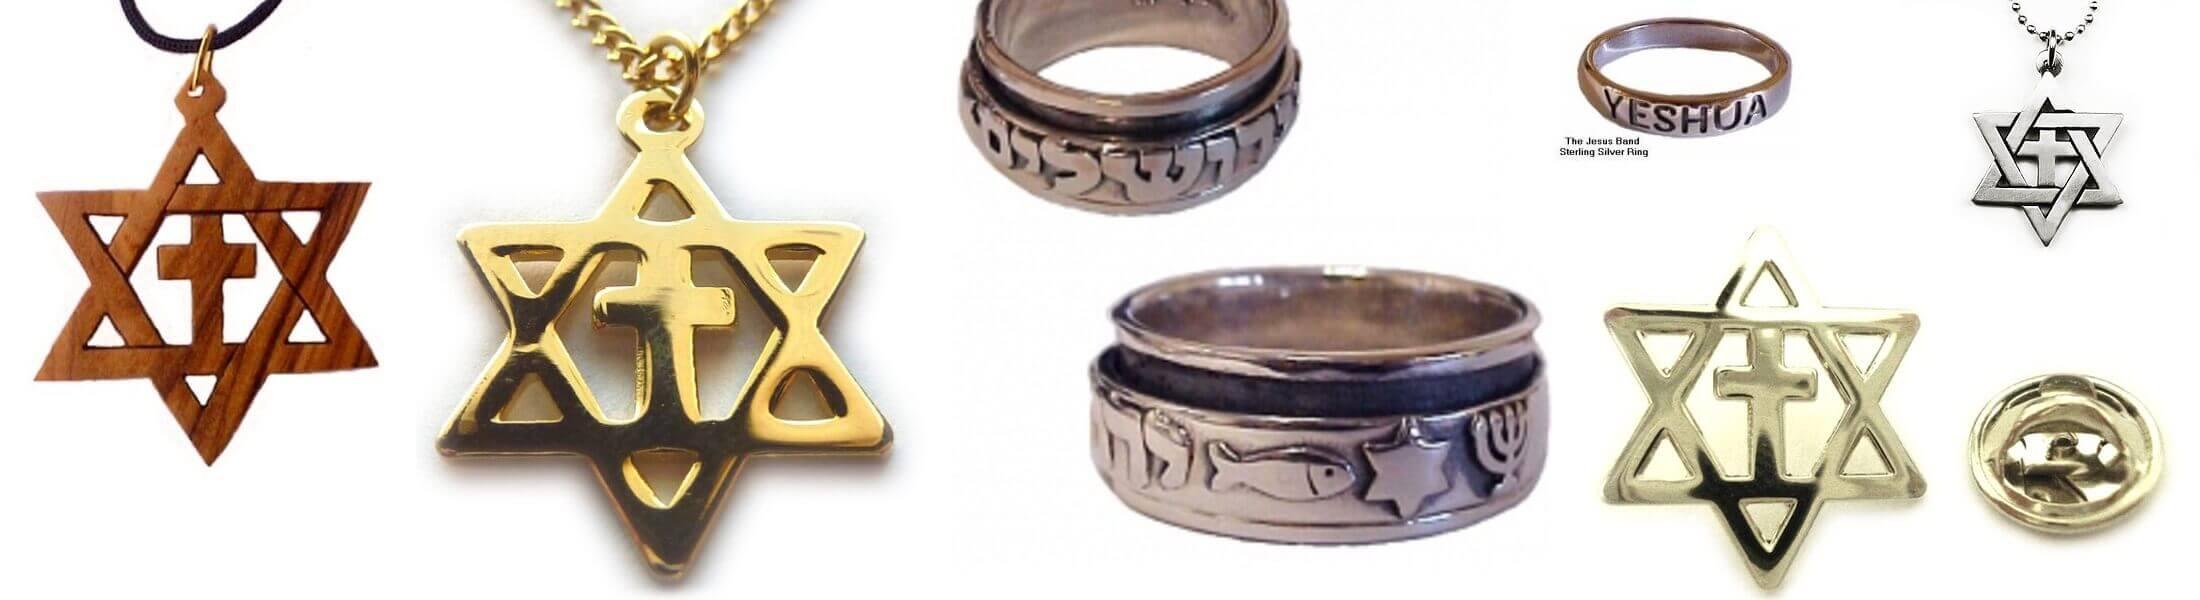 yeshua-jesus-jewelry